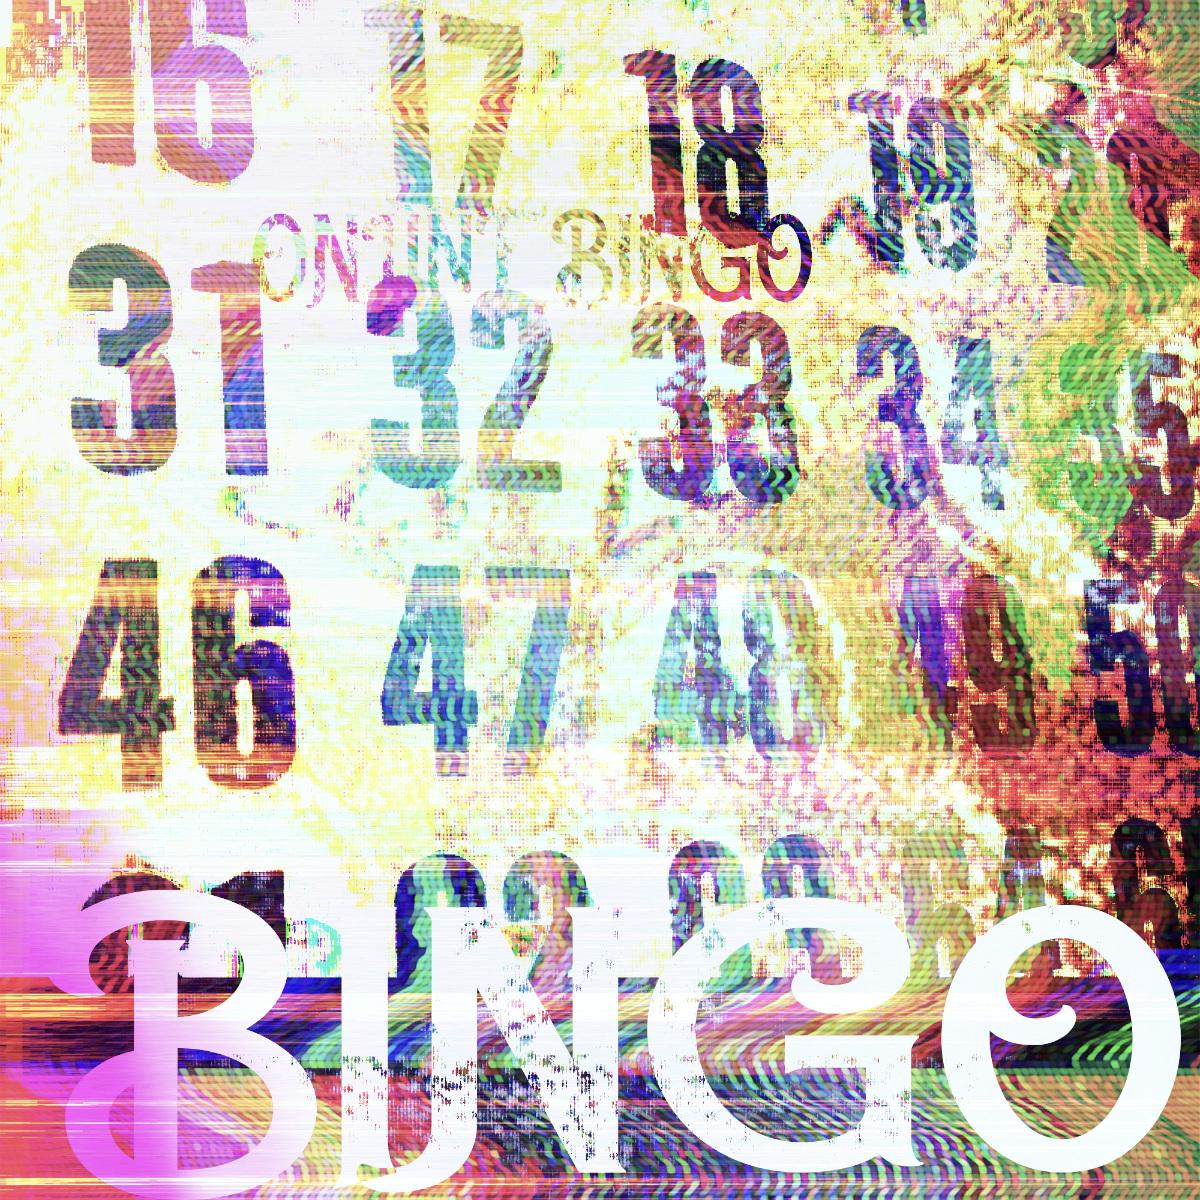 ONLINE BINGO OLYMPICS ESPORTS